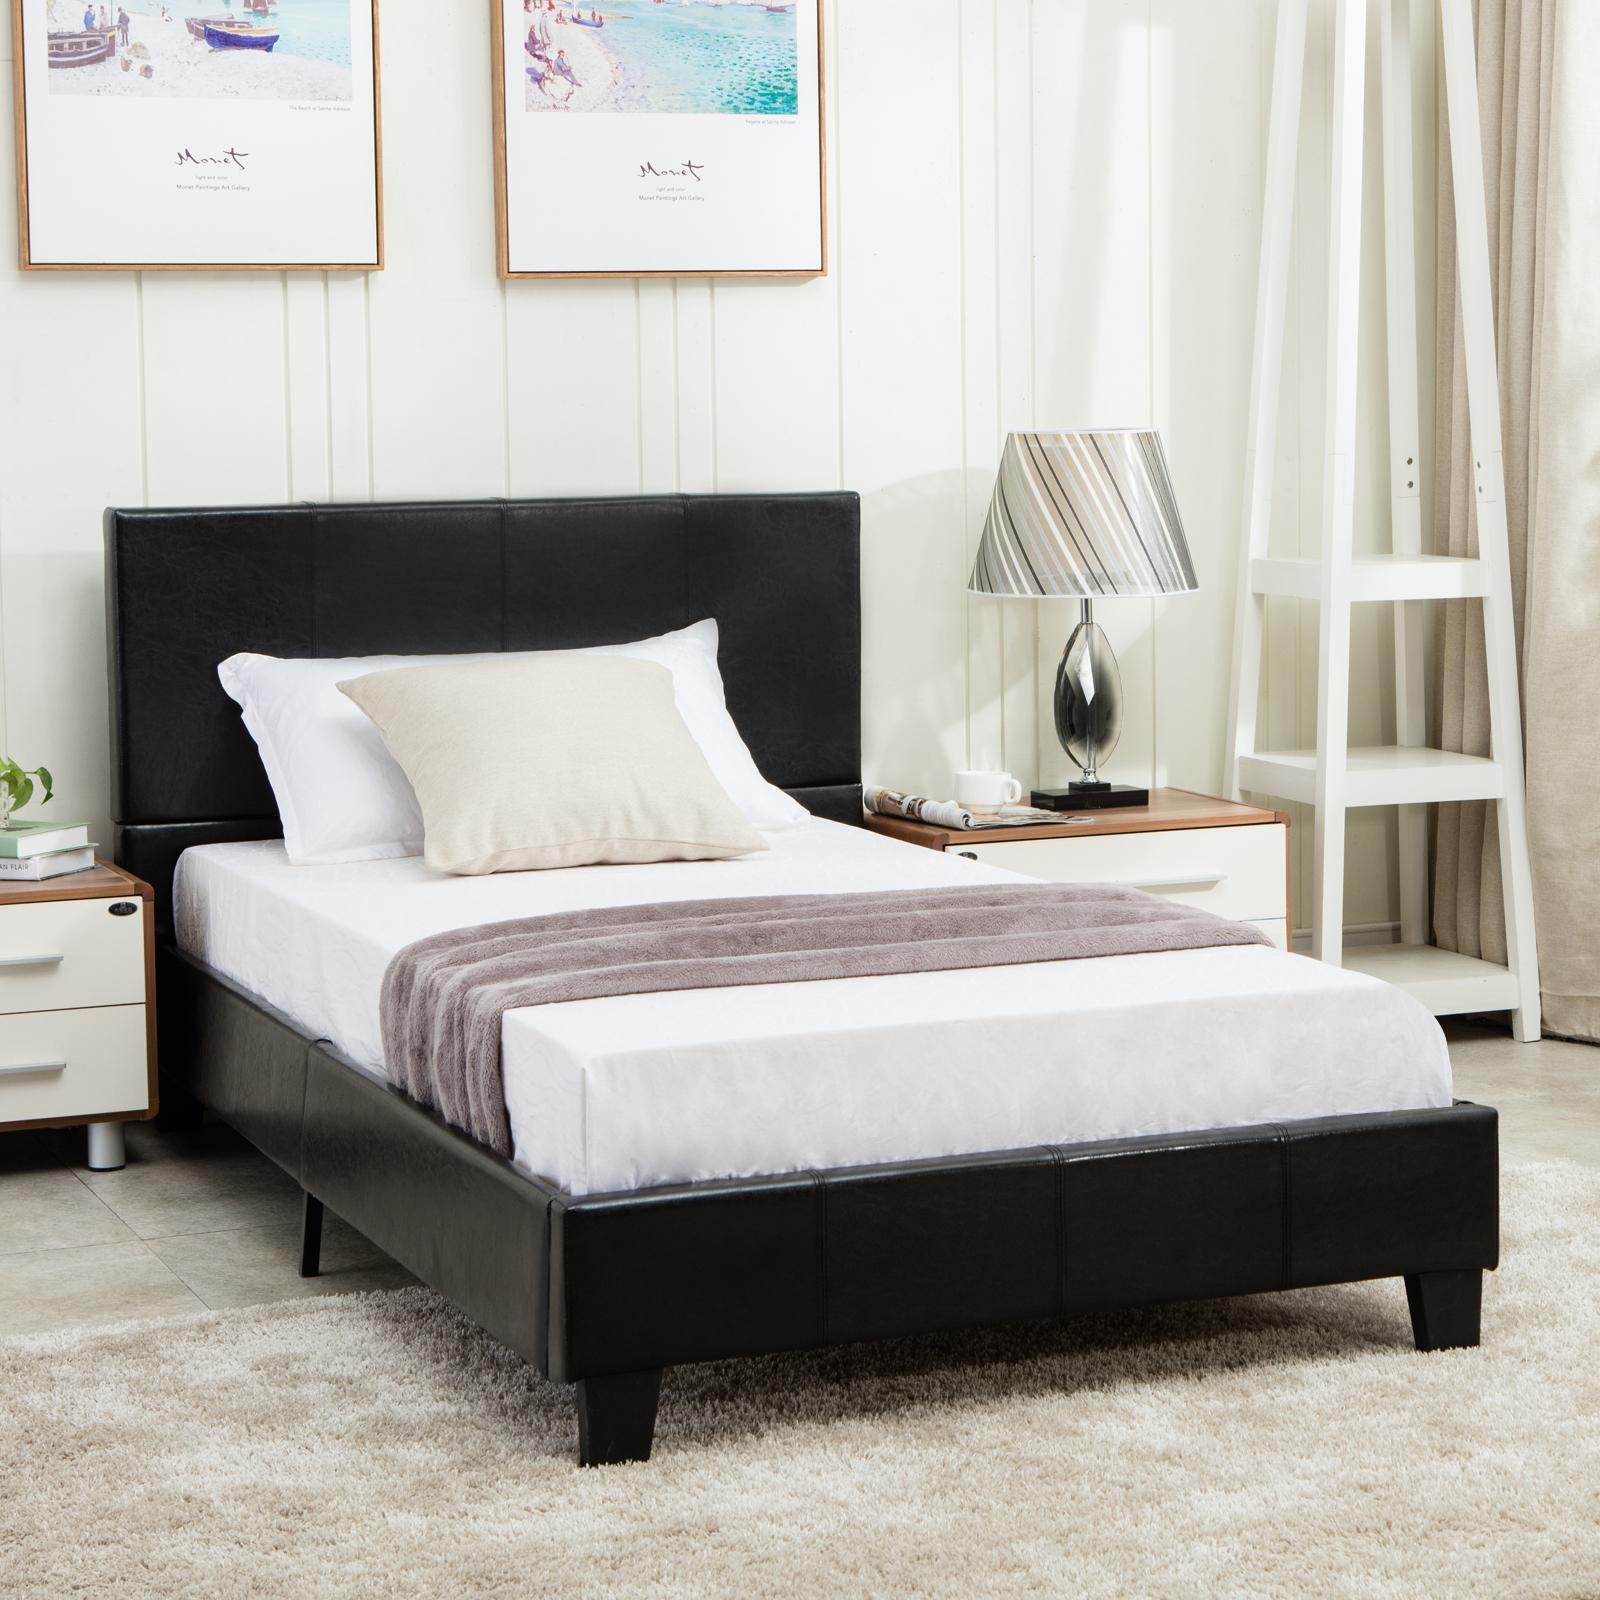 Full Size Faux Leather Platform Bed Frame & Slats